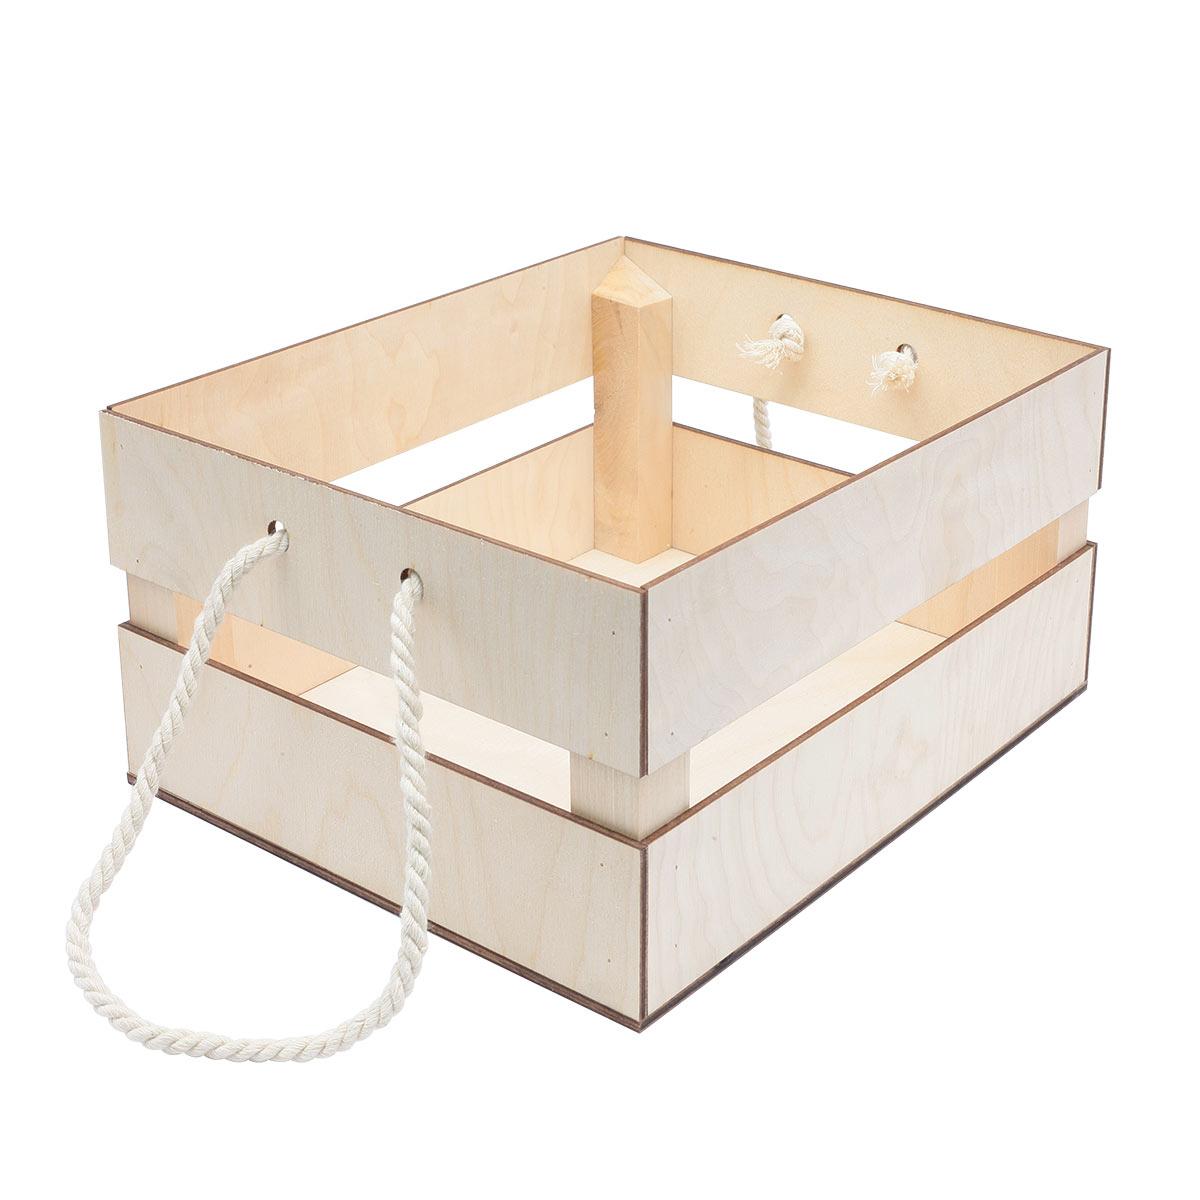 НА-026 Набор для оформления подарка 'Фруктовый', ящик 25*20 см, белый